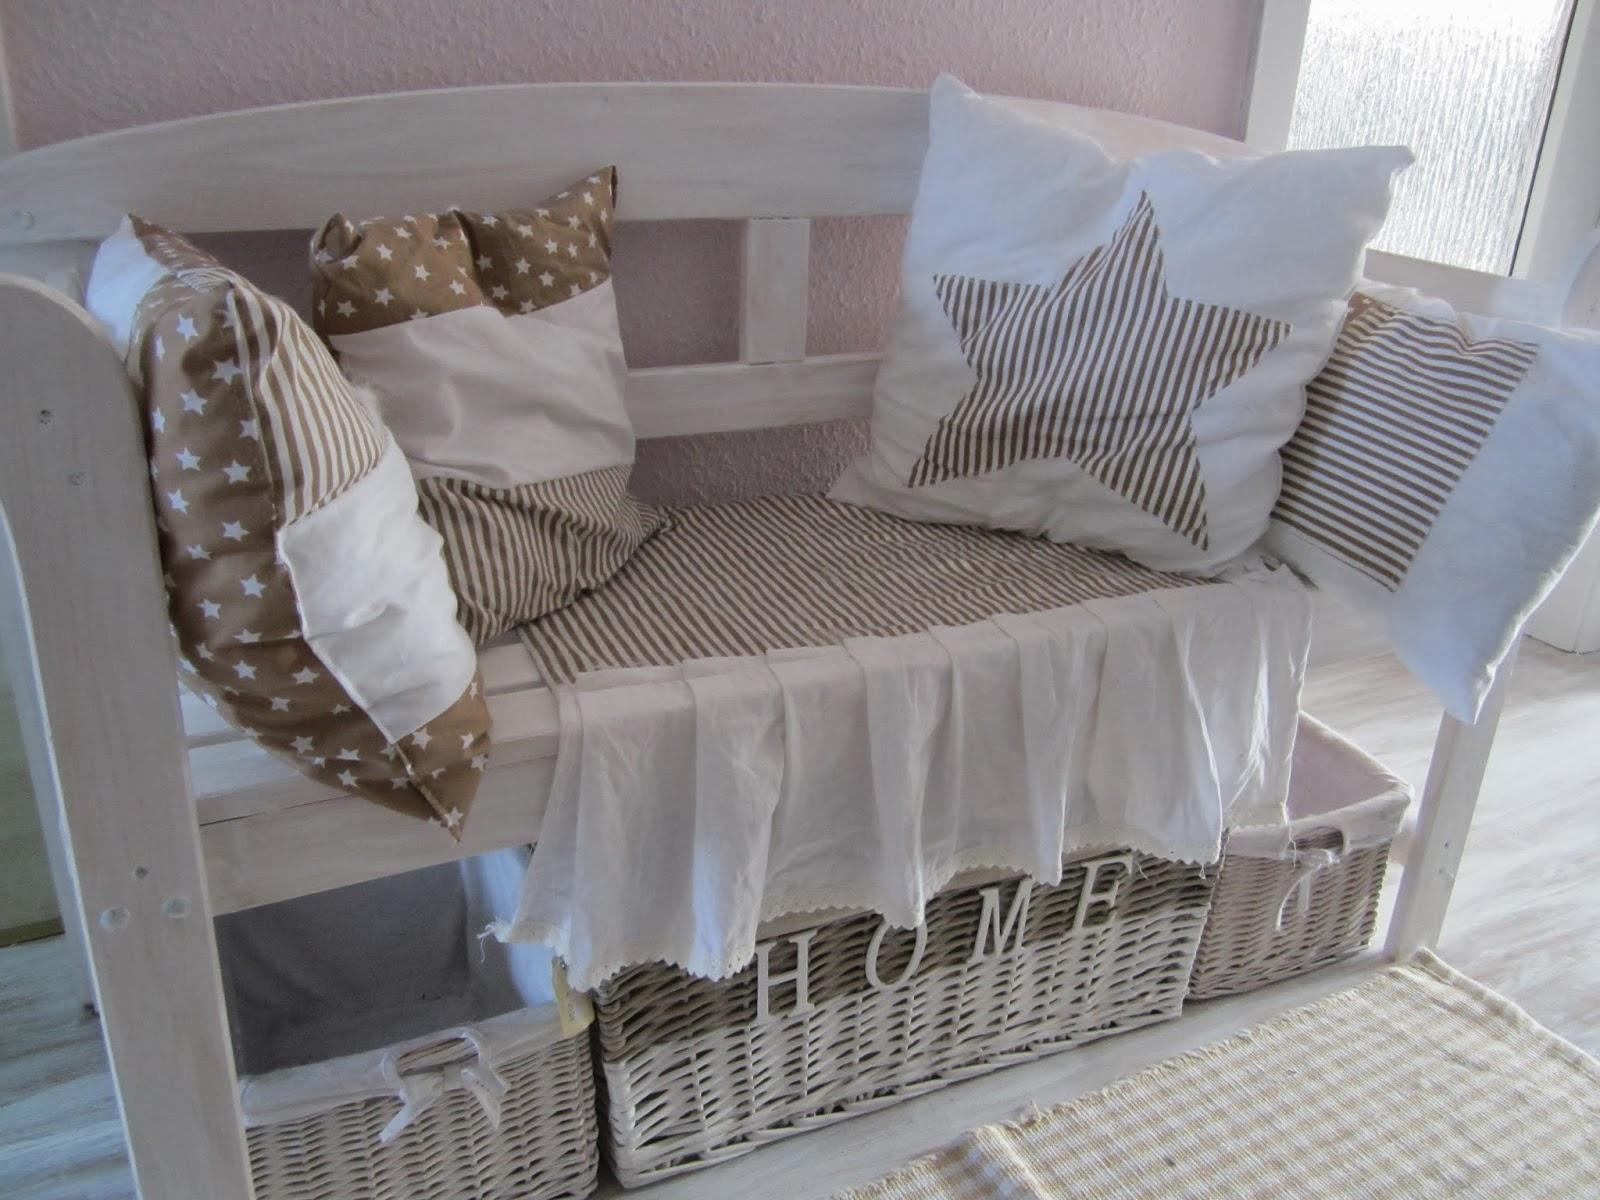 Le panche divano in stile shabby chic - Il blog italiano sullo ...